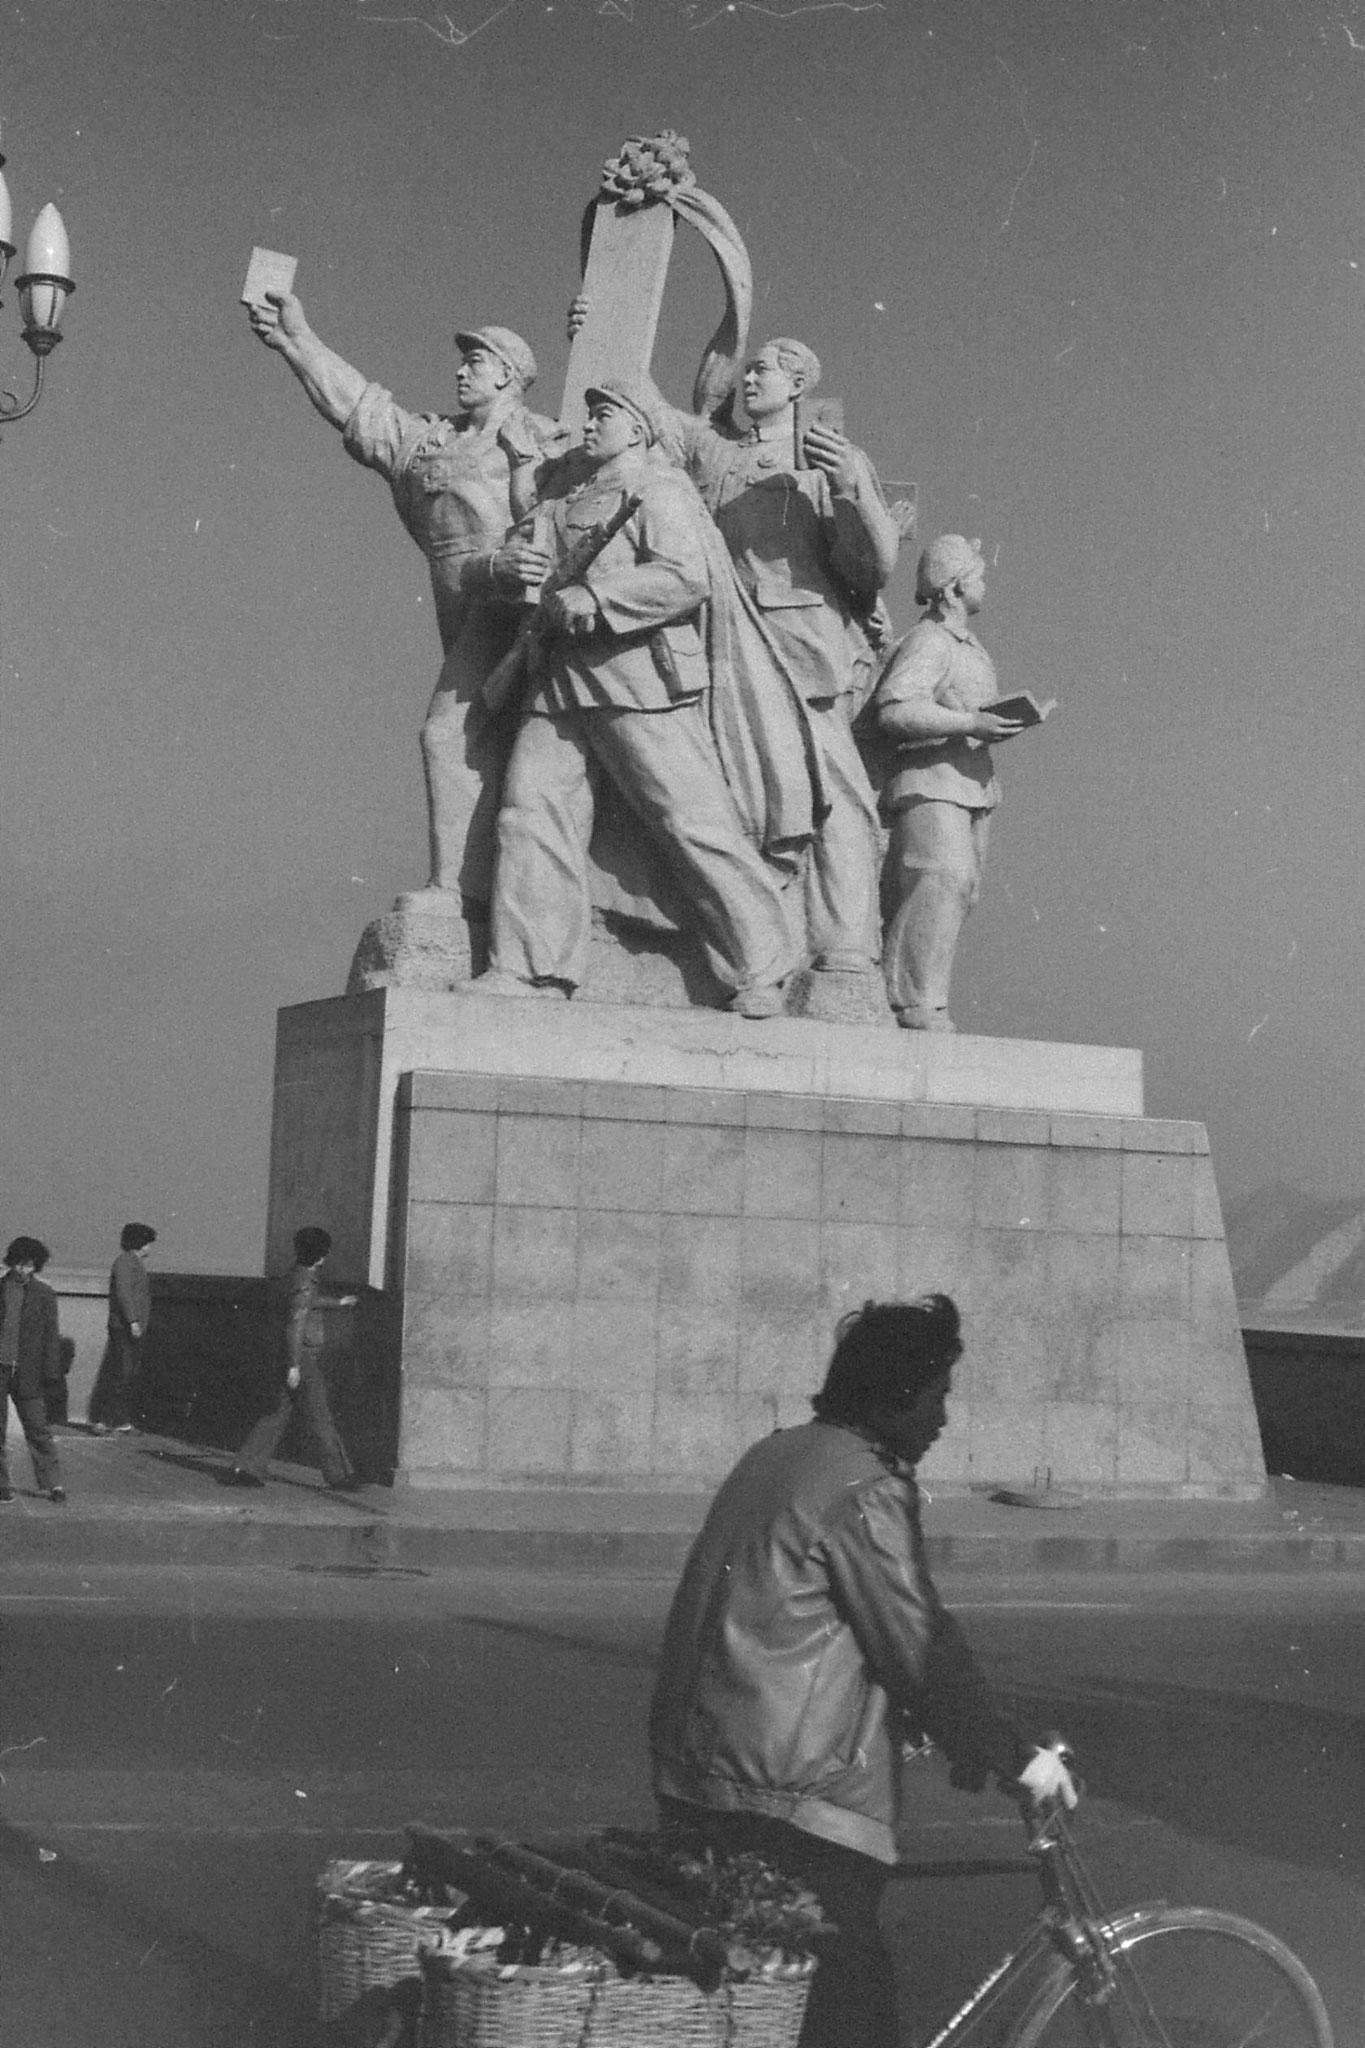 12/12/1988: 23: Nanjing